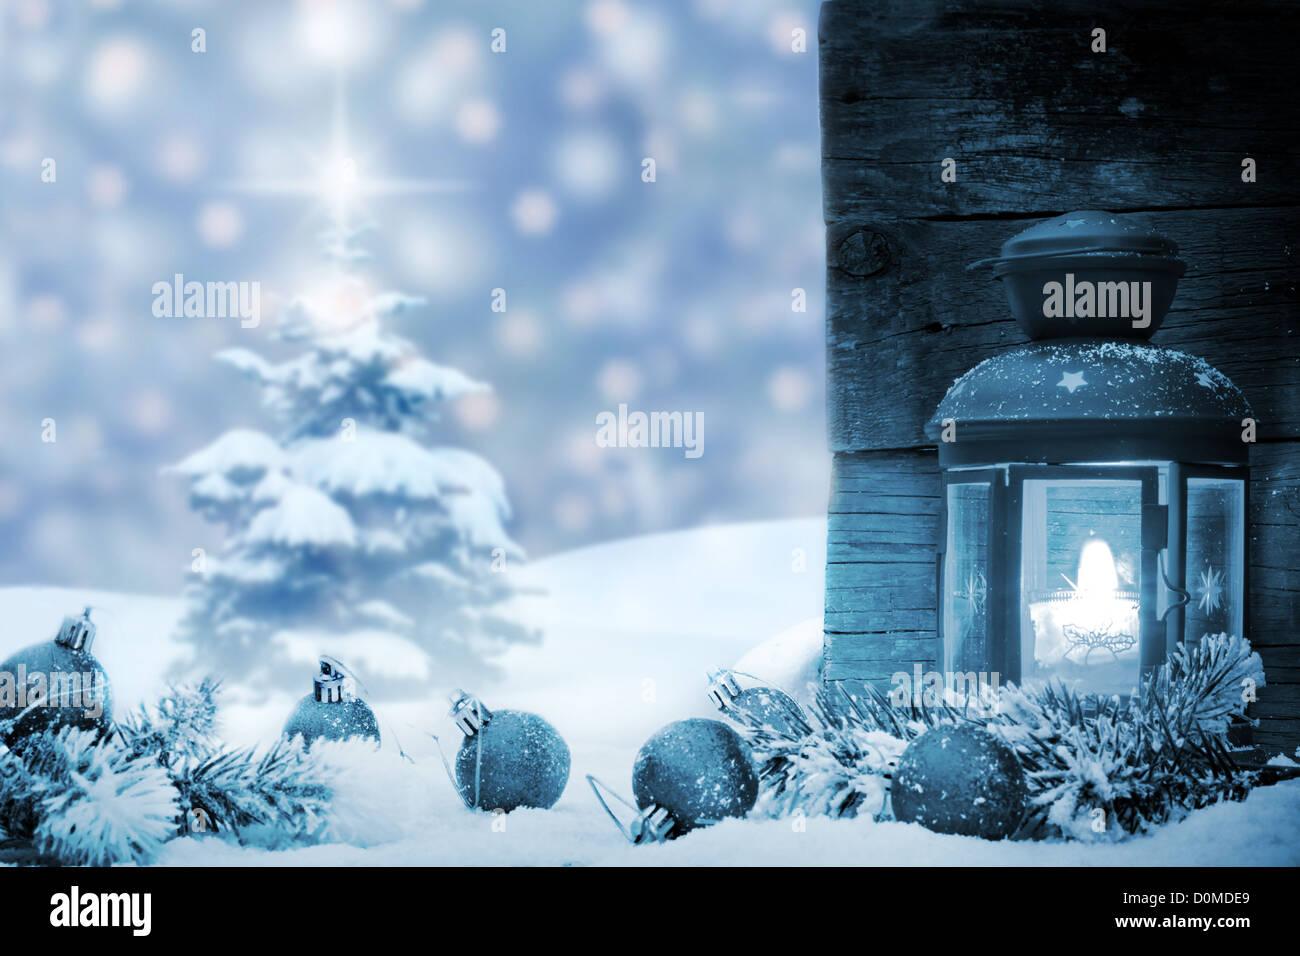 Baubles Di Natale Con La Lanterna Di Neve E Albero Concetto Di